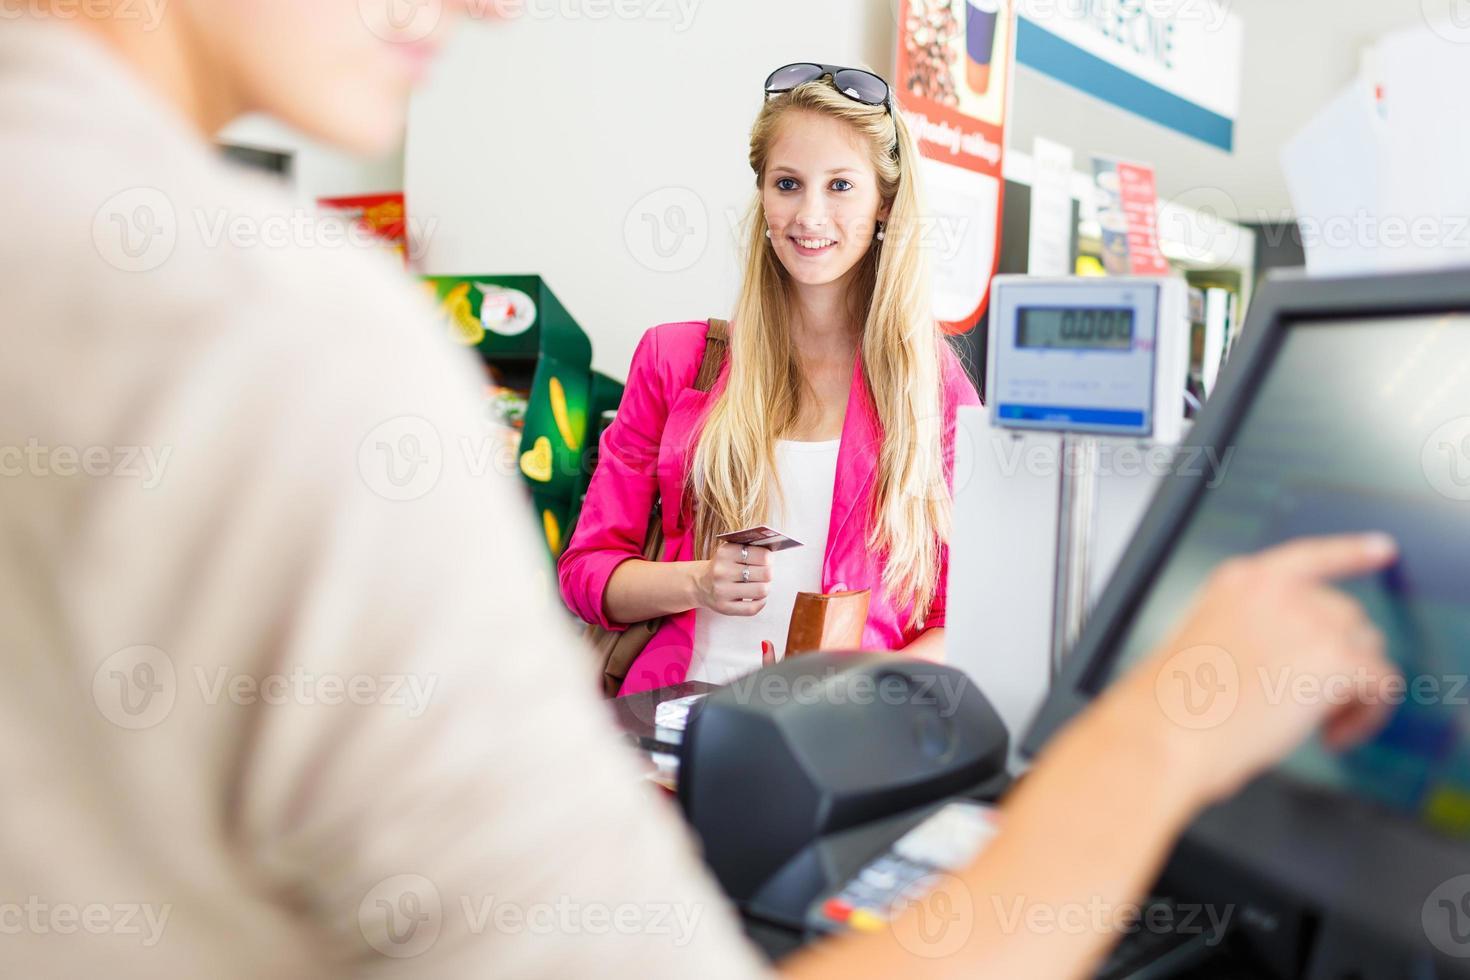 hermosa joven pagando sus compras foto